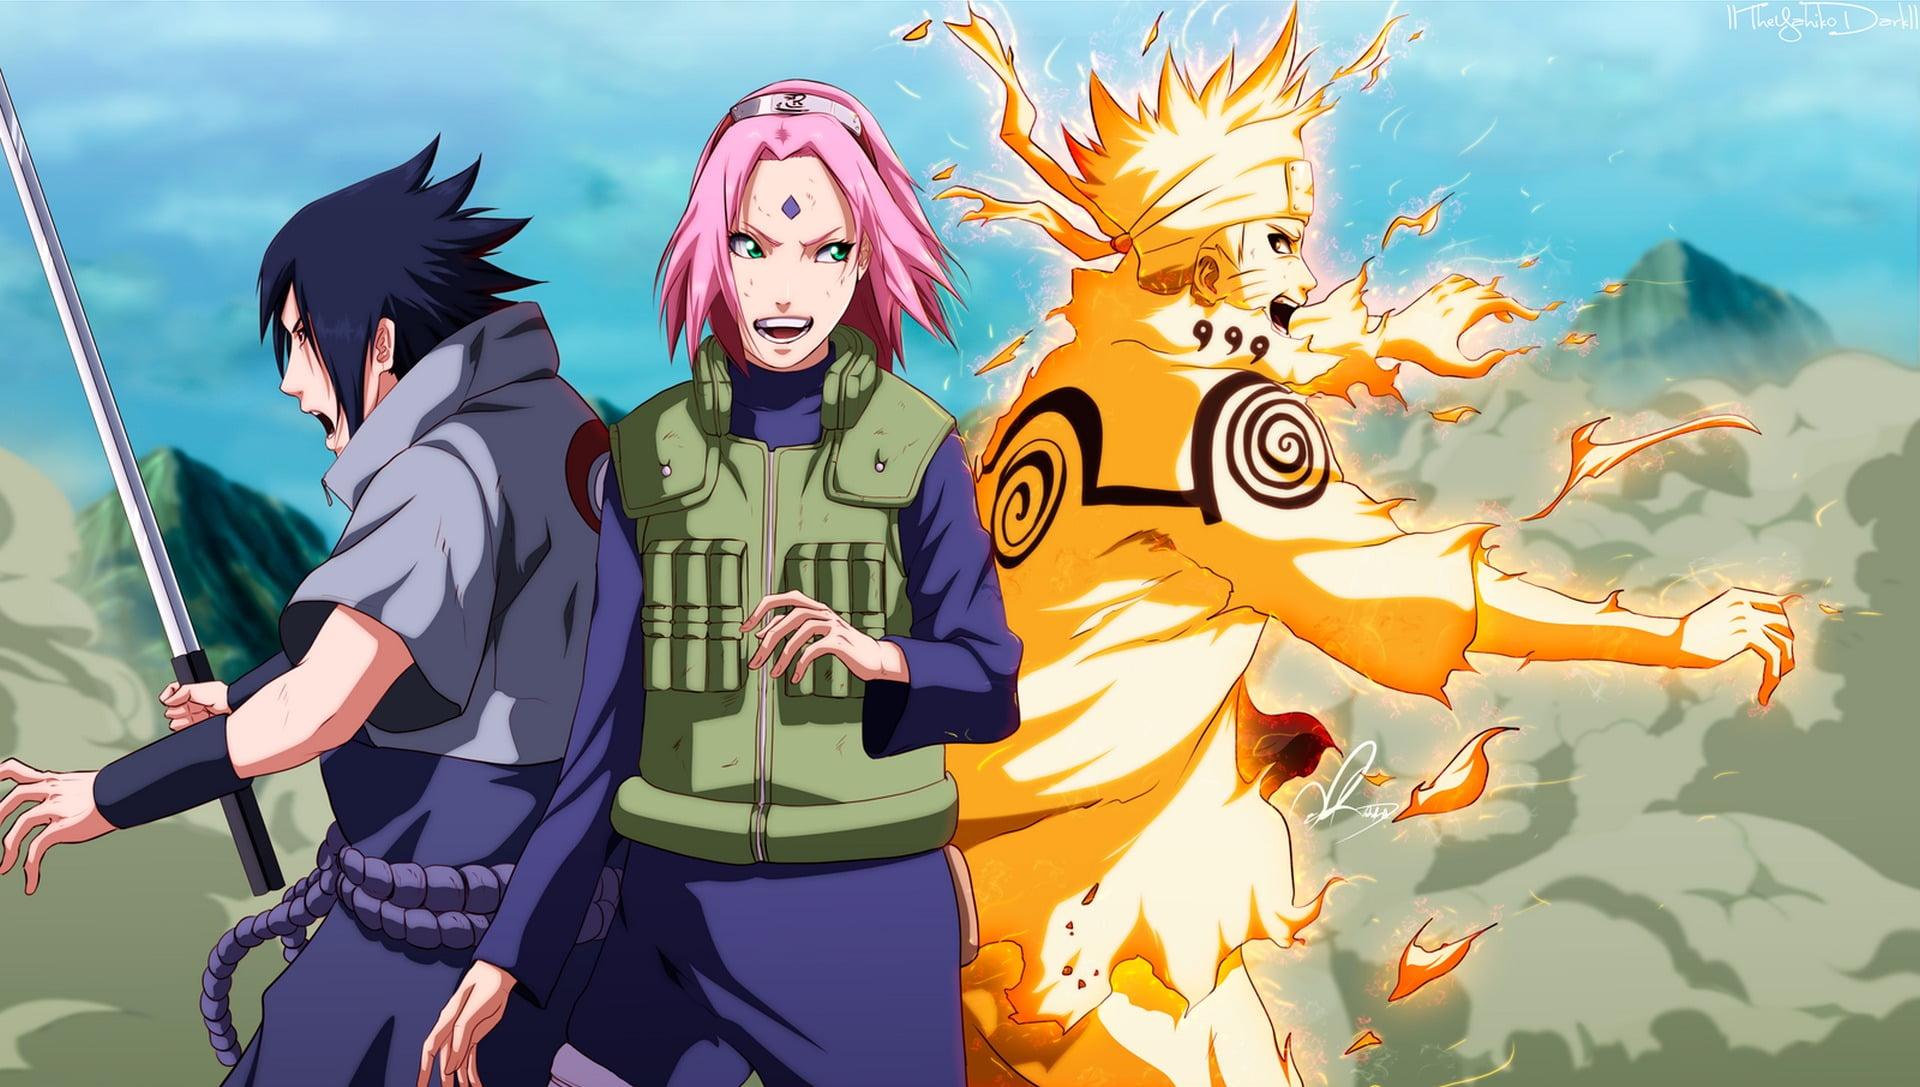 Naruto Sasuke E Sakura - 1920x1087 Wallpaper - teahub.io